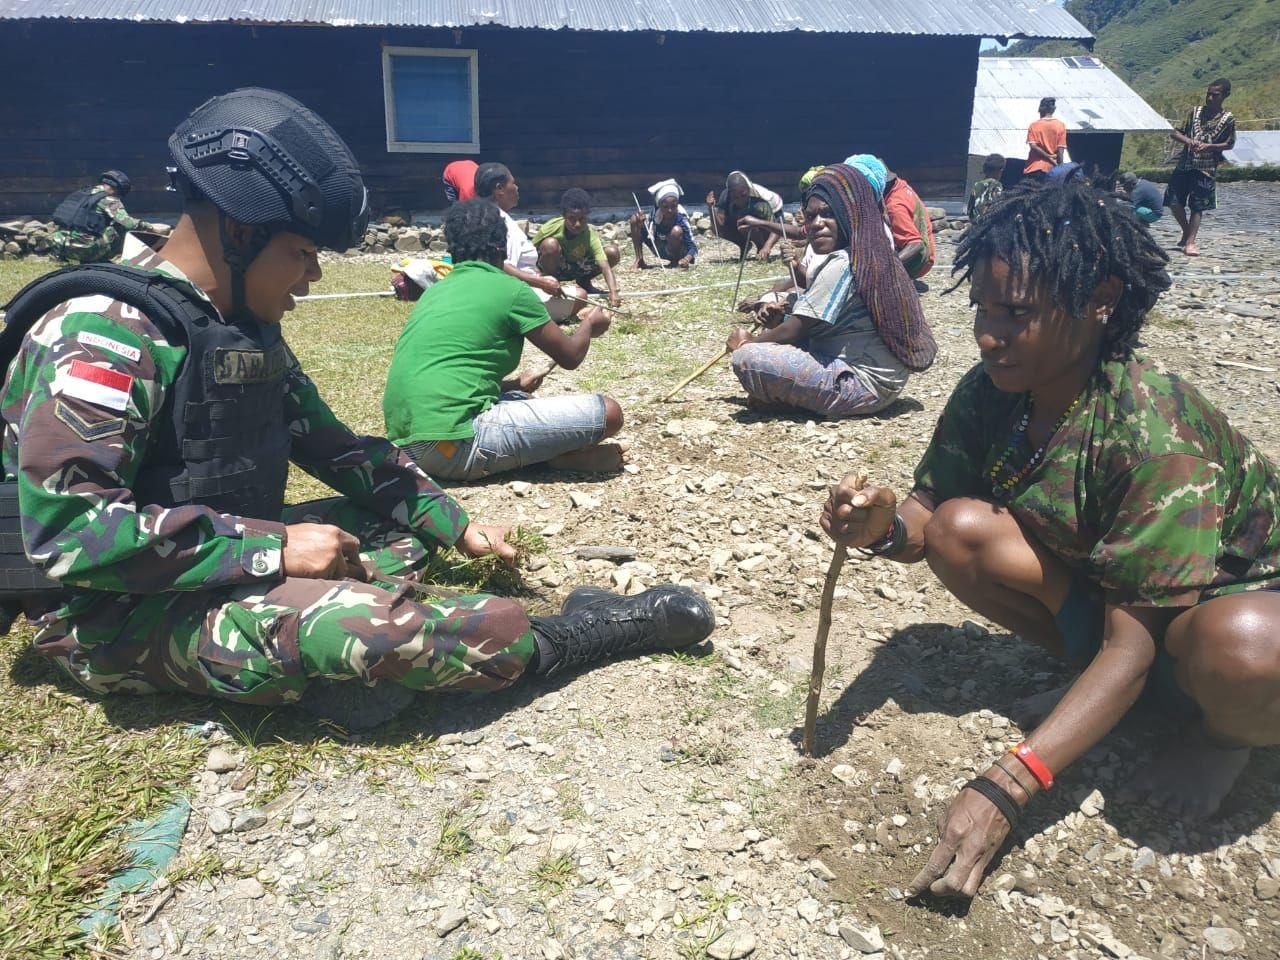 Wujudkan Lingkungan Asri, Satgas Pamtas RI-PNG Yonif Raider 514/Divif 2 Kostrad Bersihkan Halaman Ge